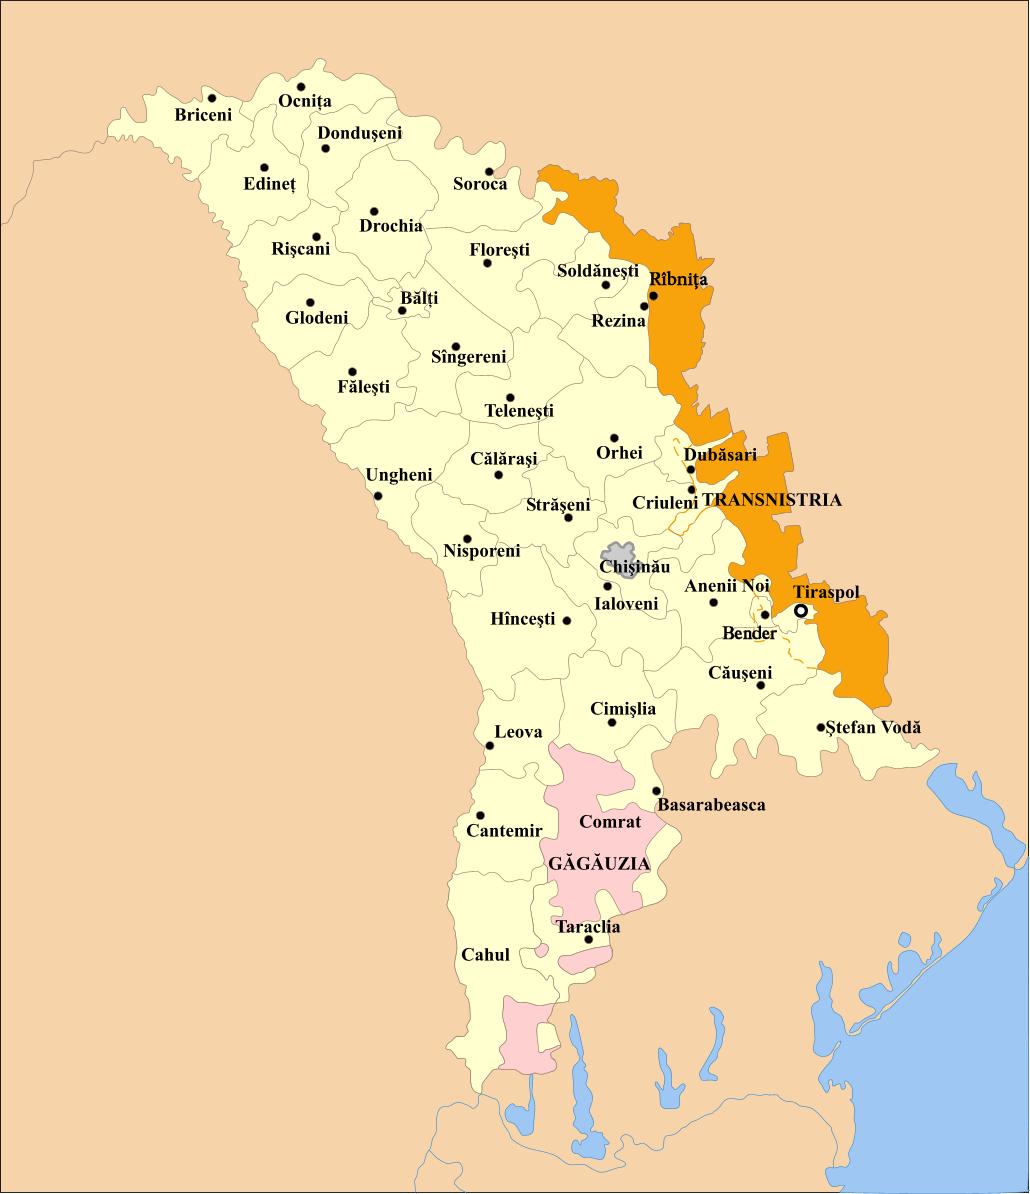 Moldawien Karte.Landkarte Moldawien Karte Verwaltungsbezirke Weltkarte Com